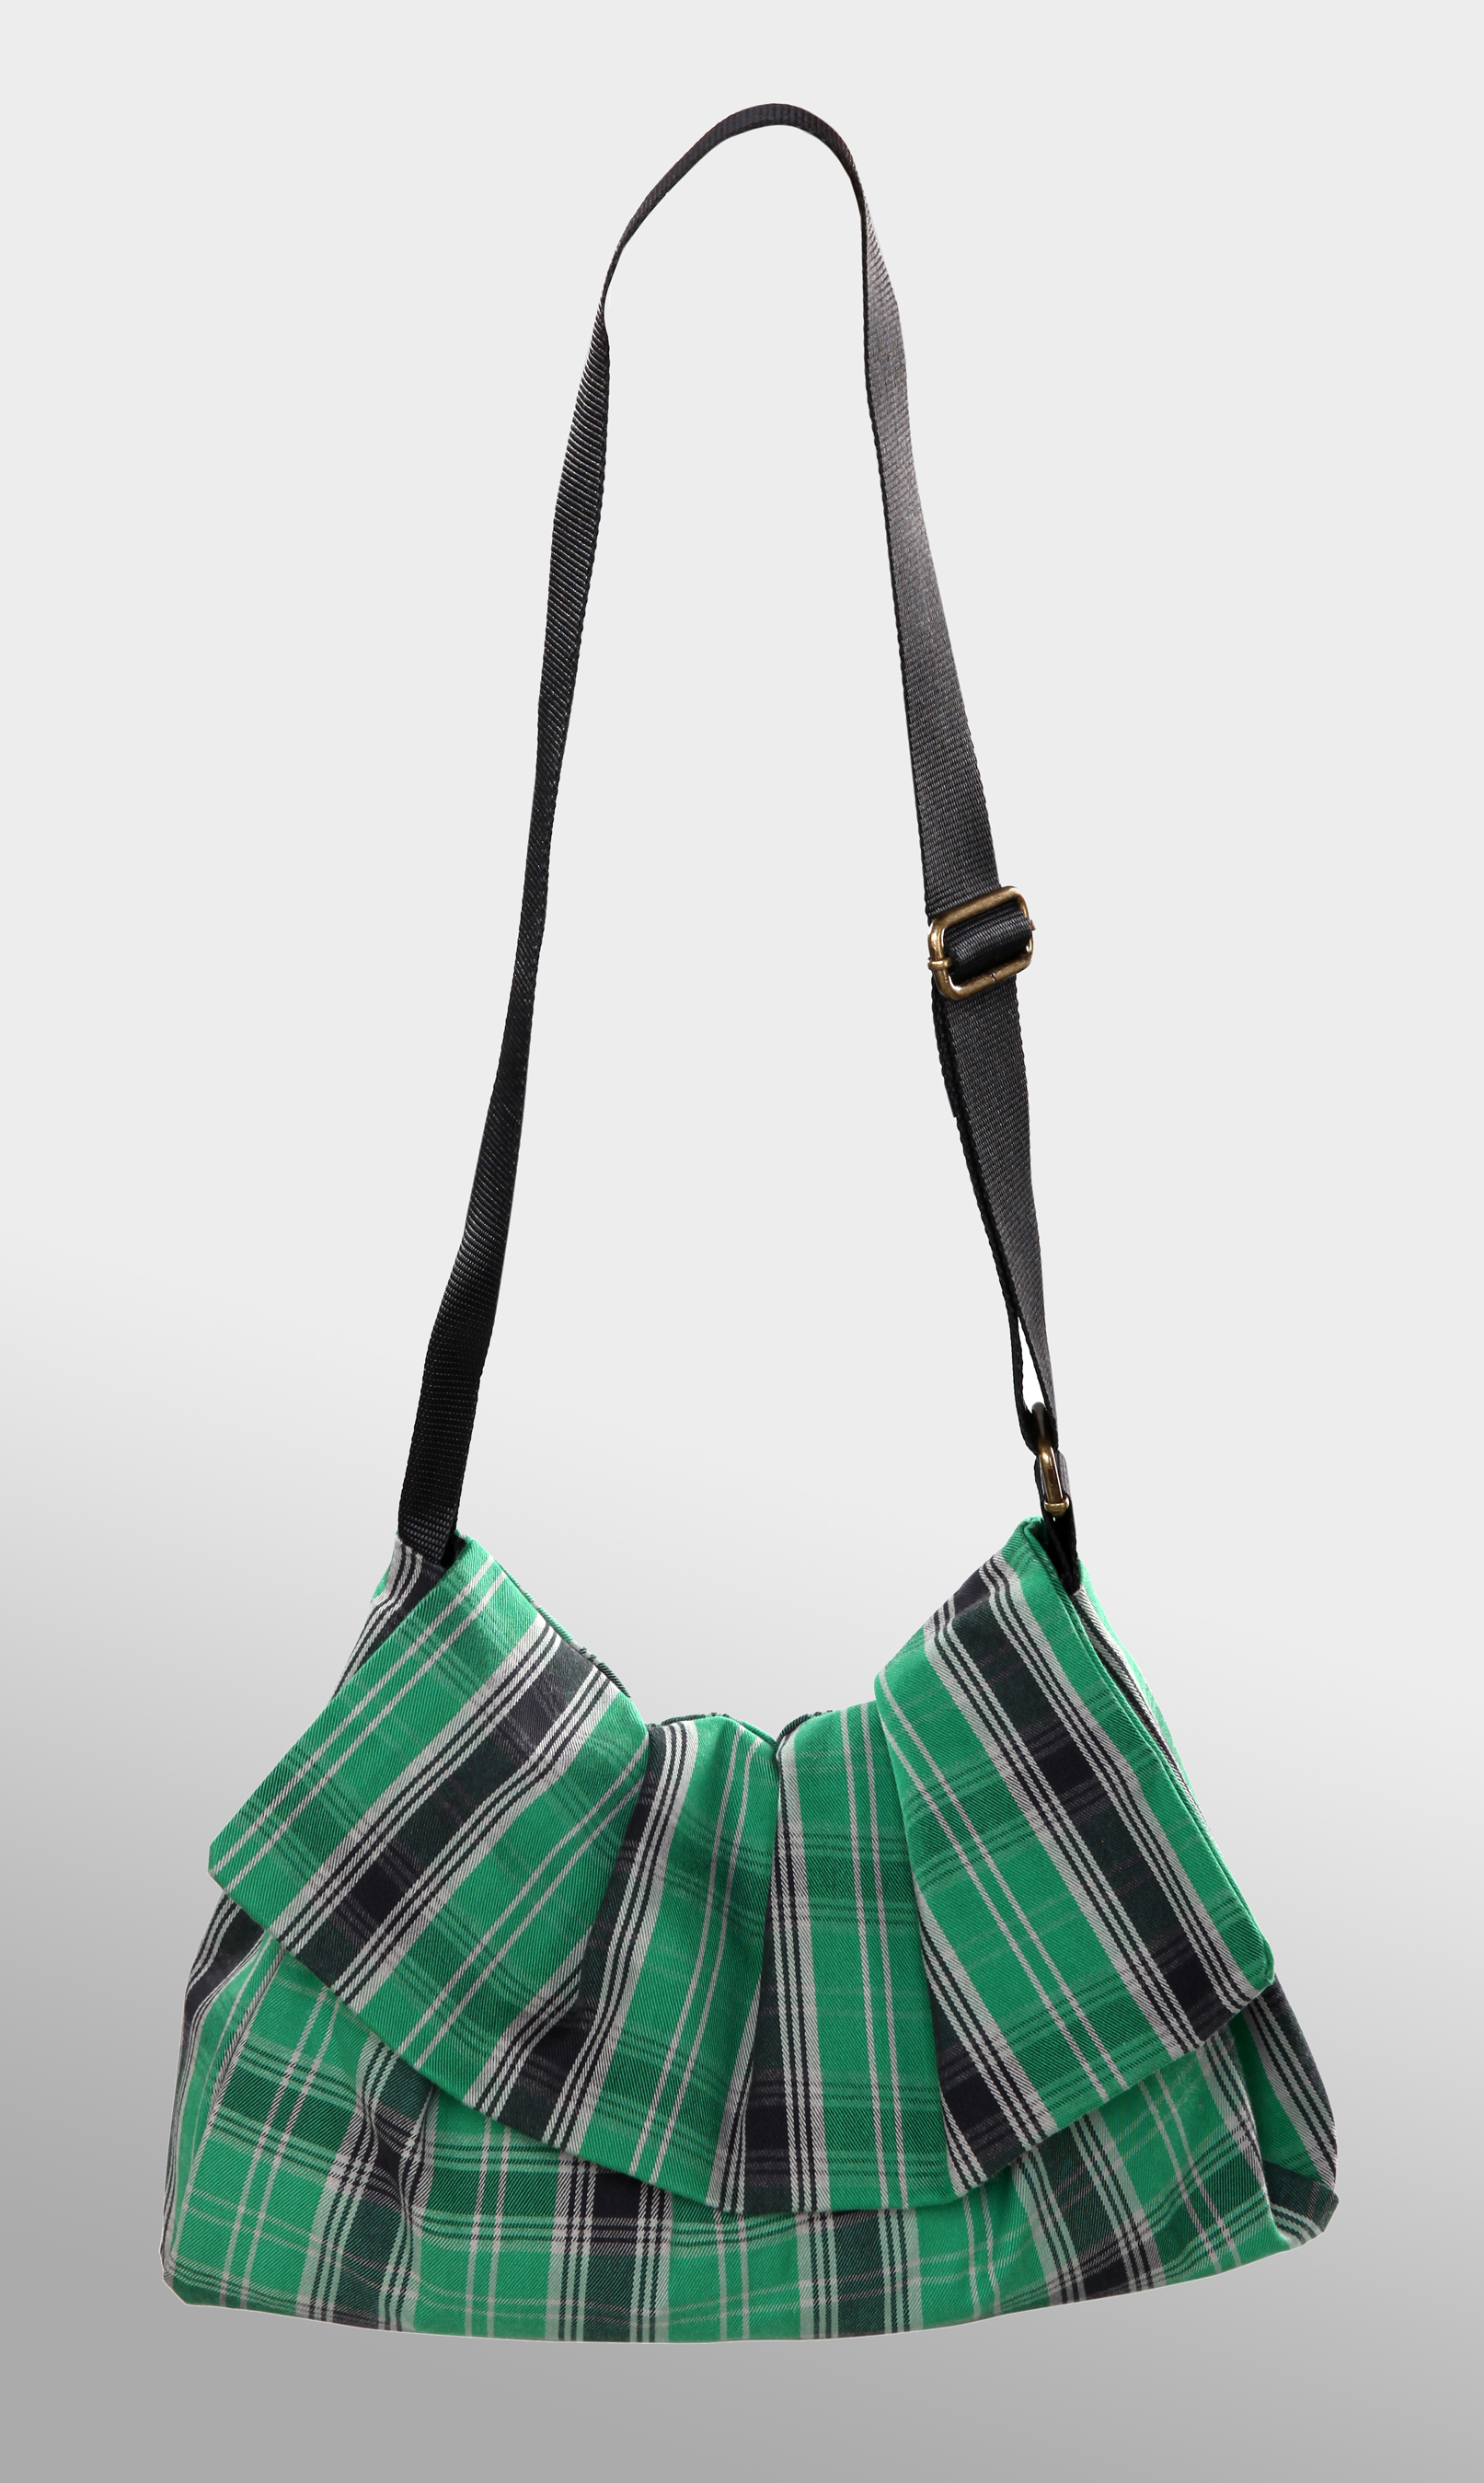 GREEN/BLACK TARTAN BAG